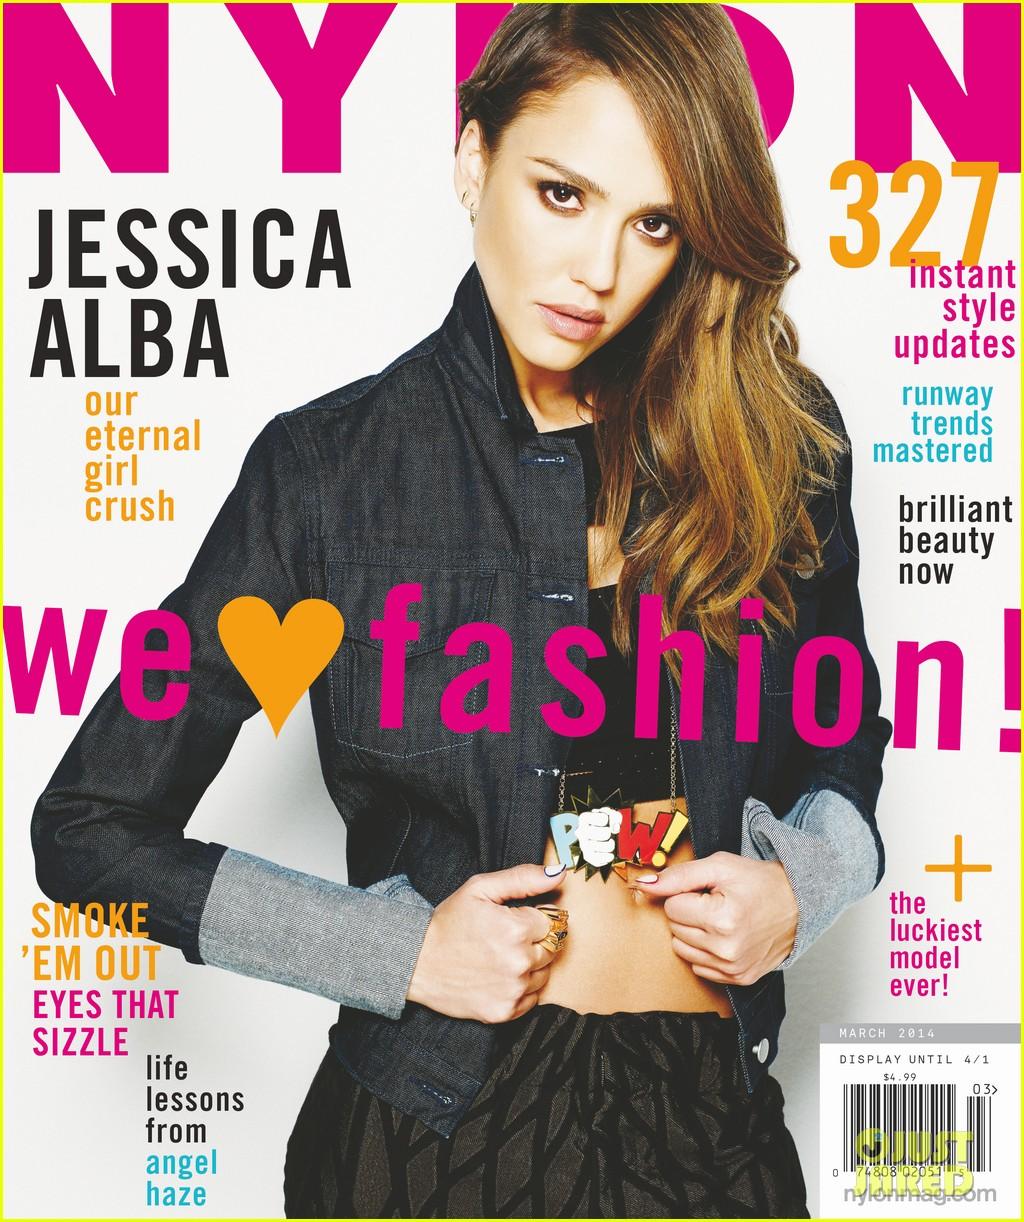 jessica alba covers nylon march 2014 013061009